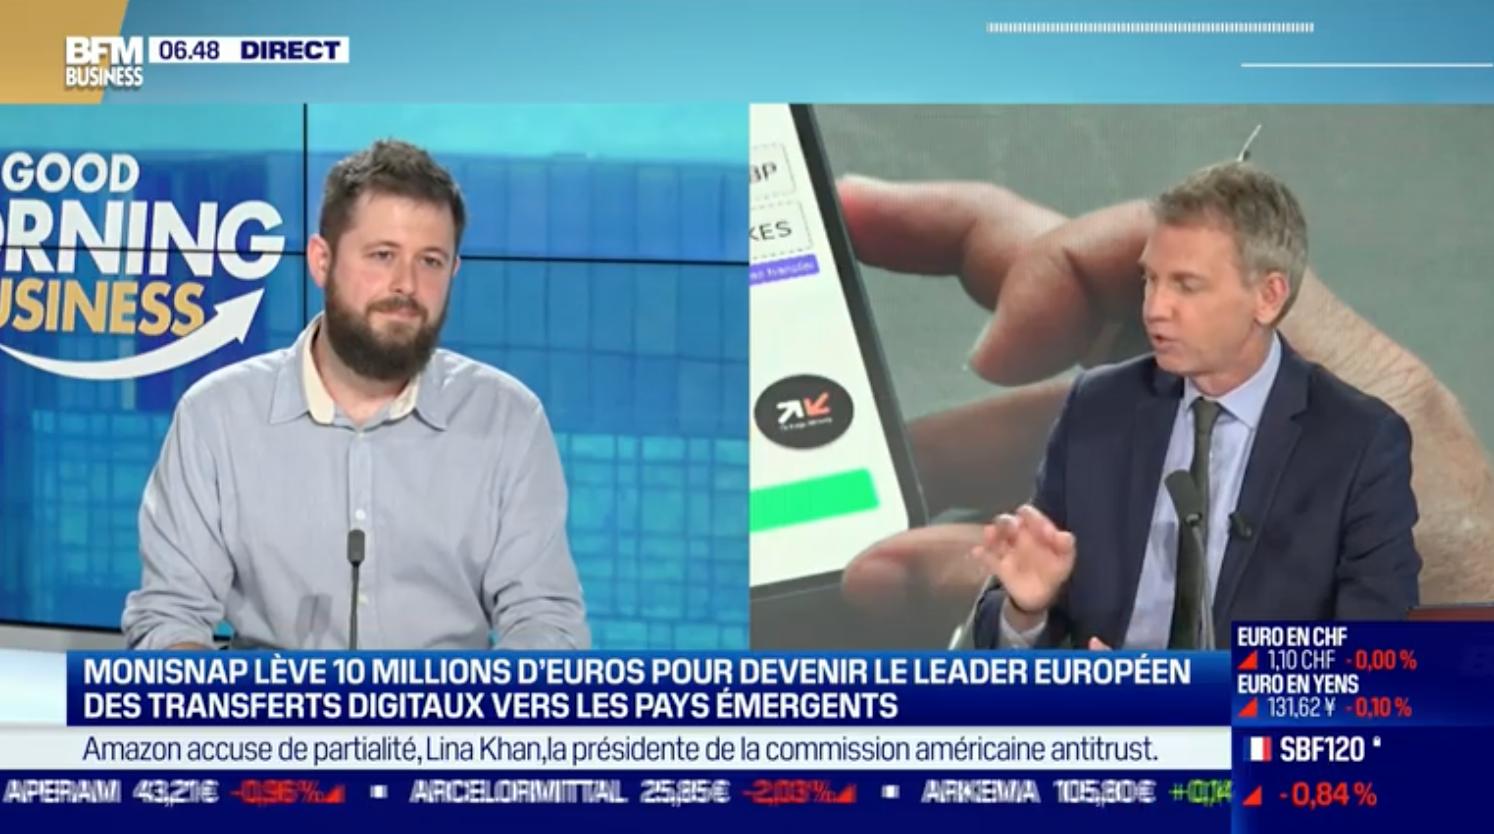 Monisnap lève 10 millions d'euros